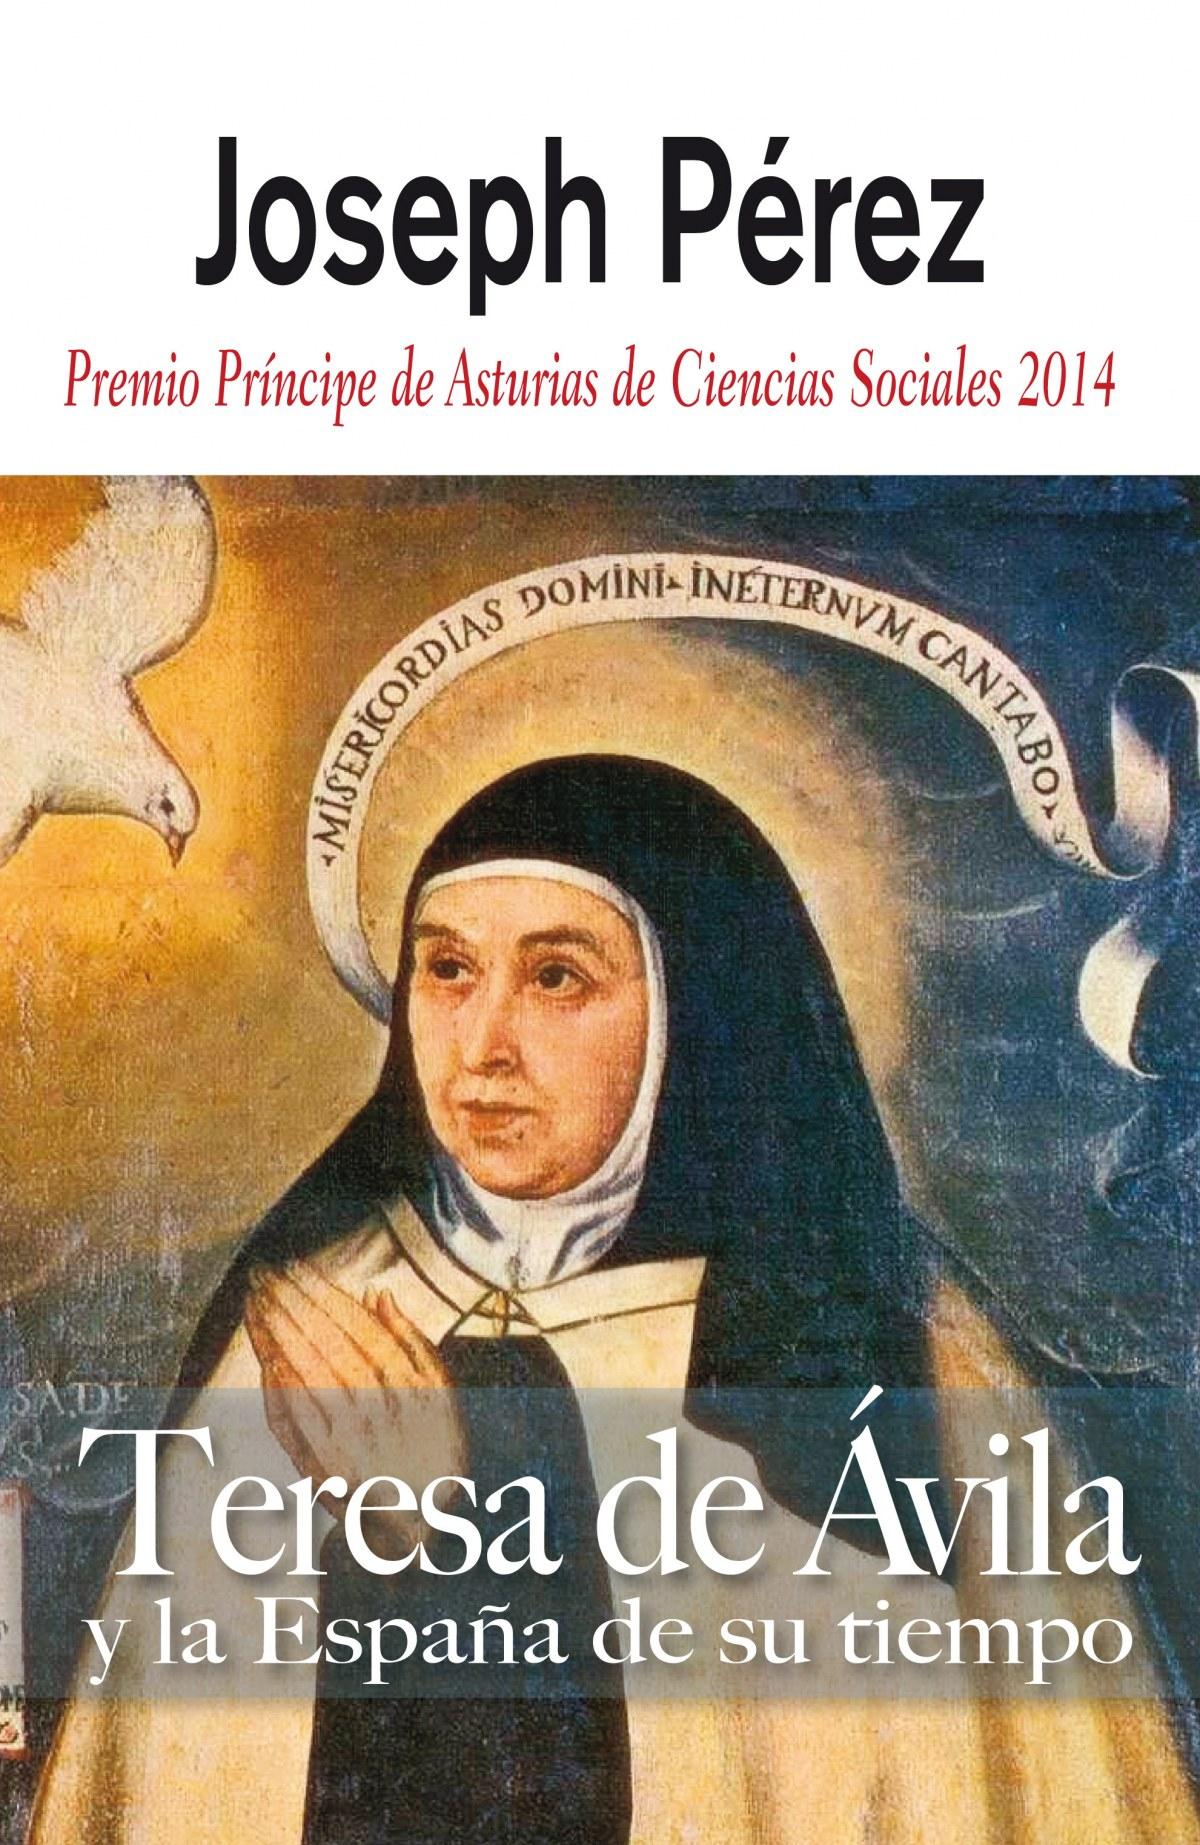 Teresa de Avila y la España de su tiempo - Joseph Pérez